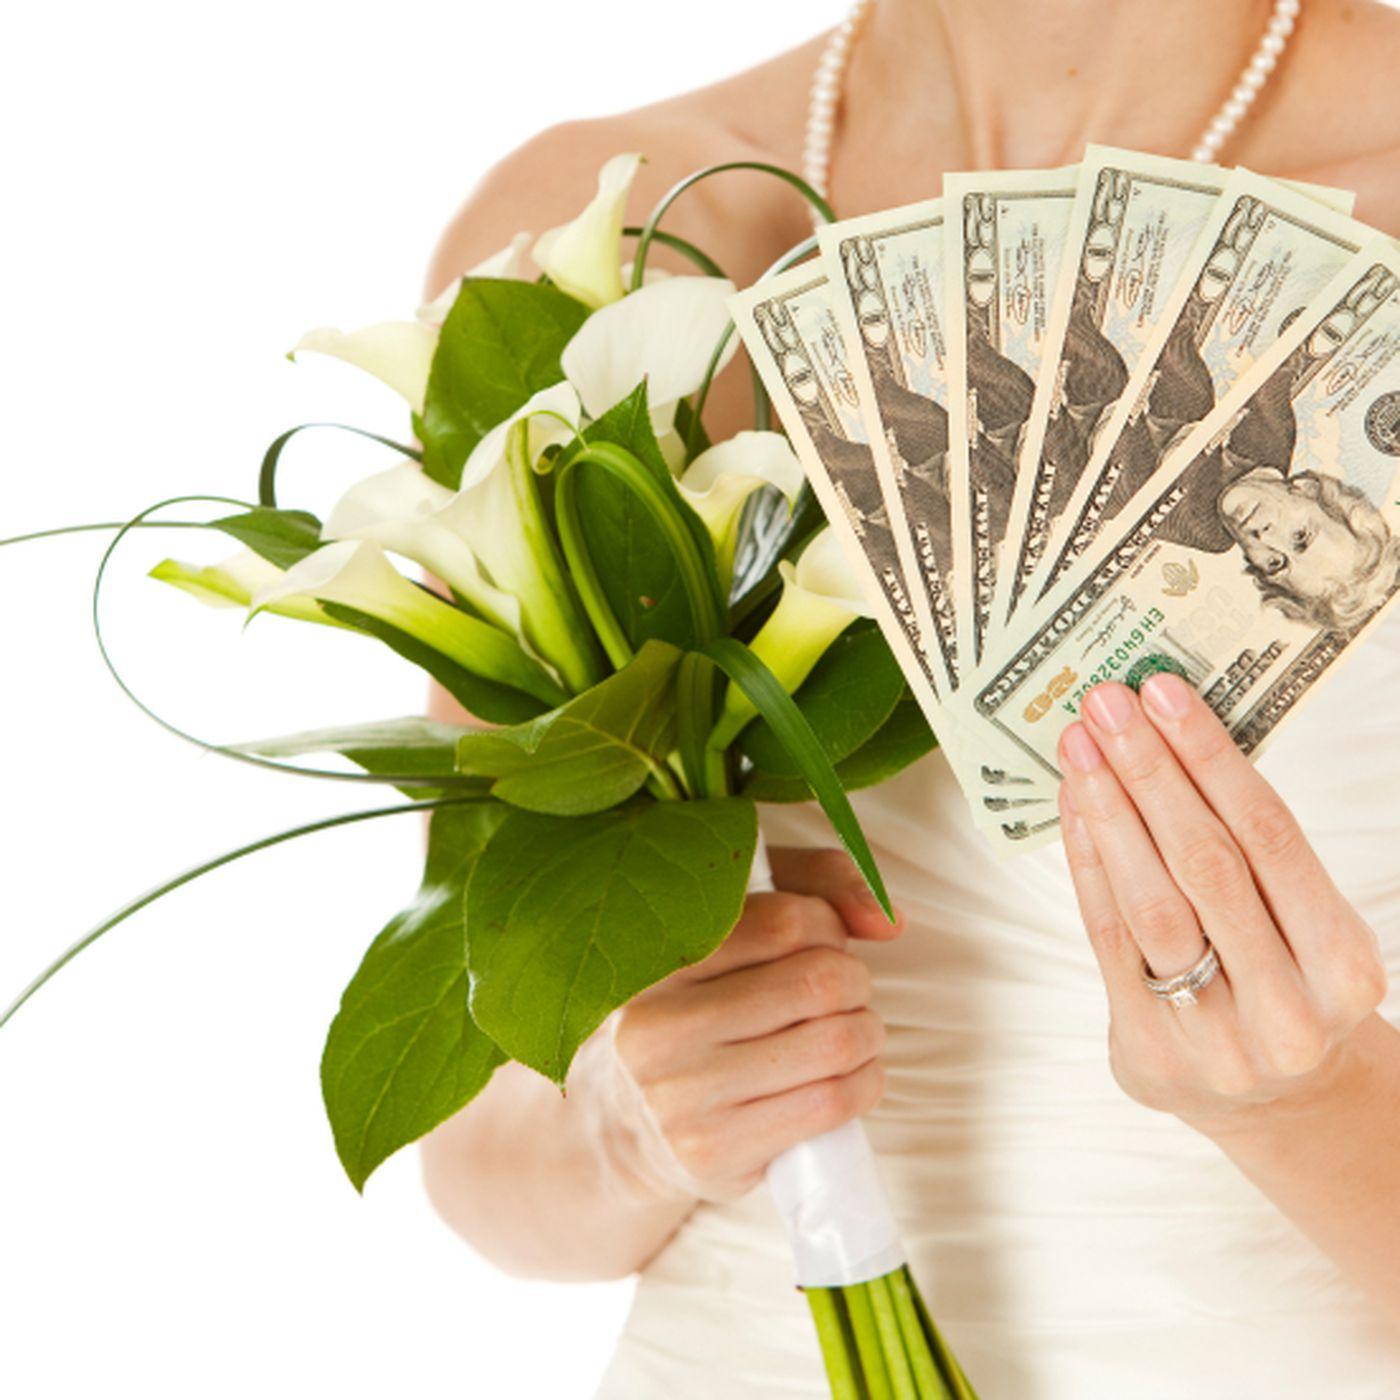 Se poate negocia cu o formatie nunta?